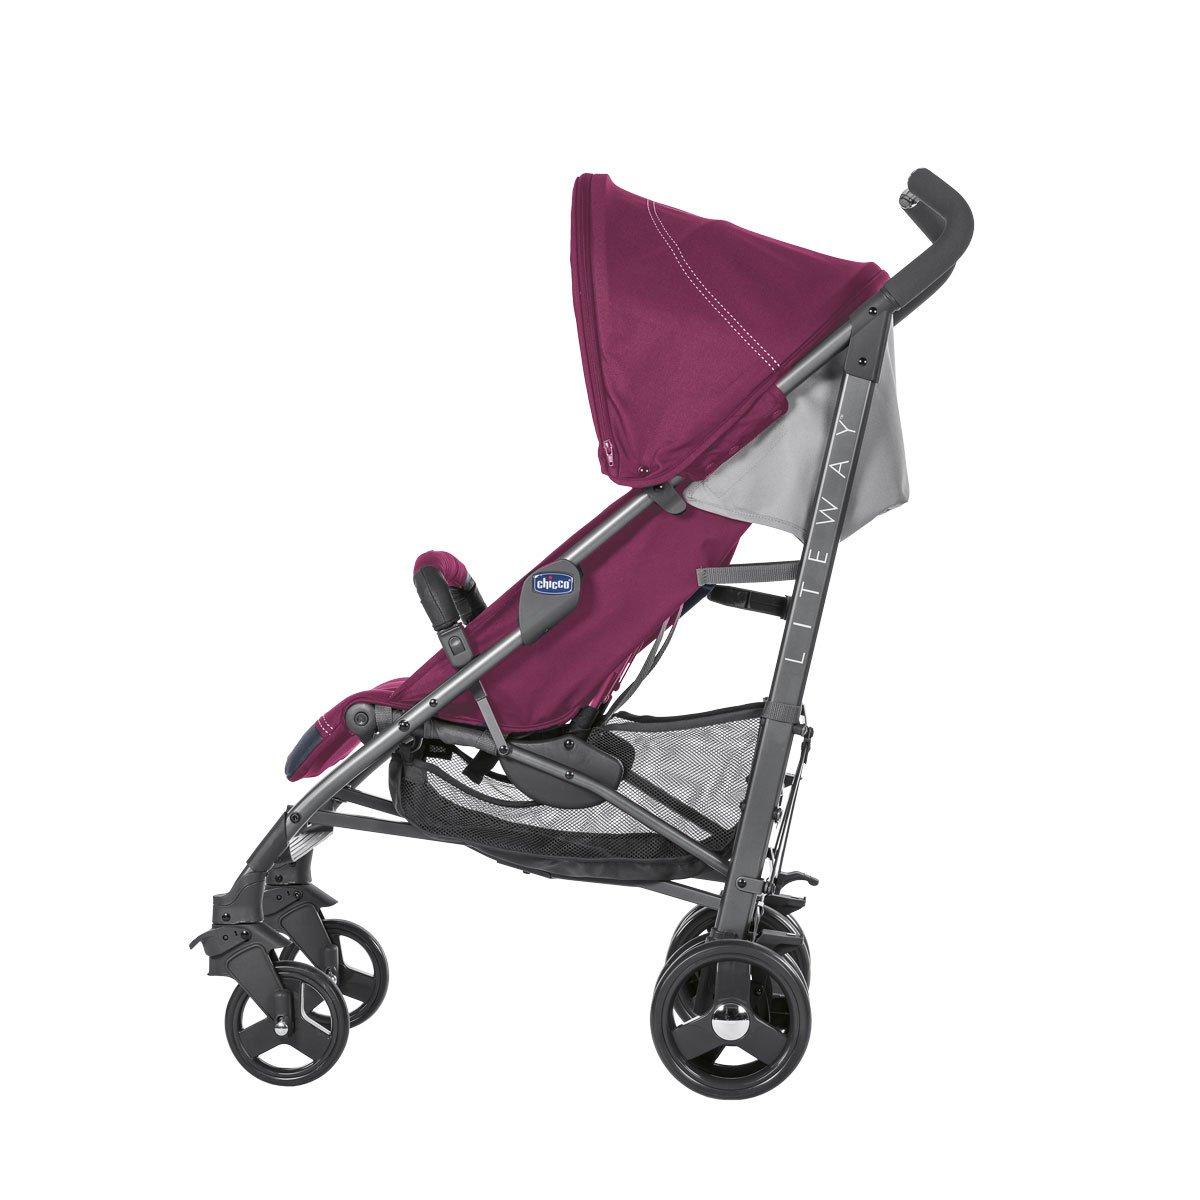 Chicco Liteway 3 - Silla de paseo ligera y compacta, 7,5 kg, color granate